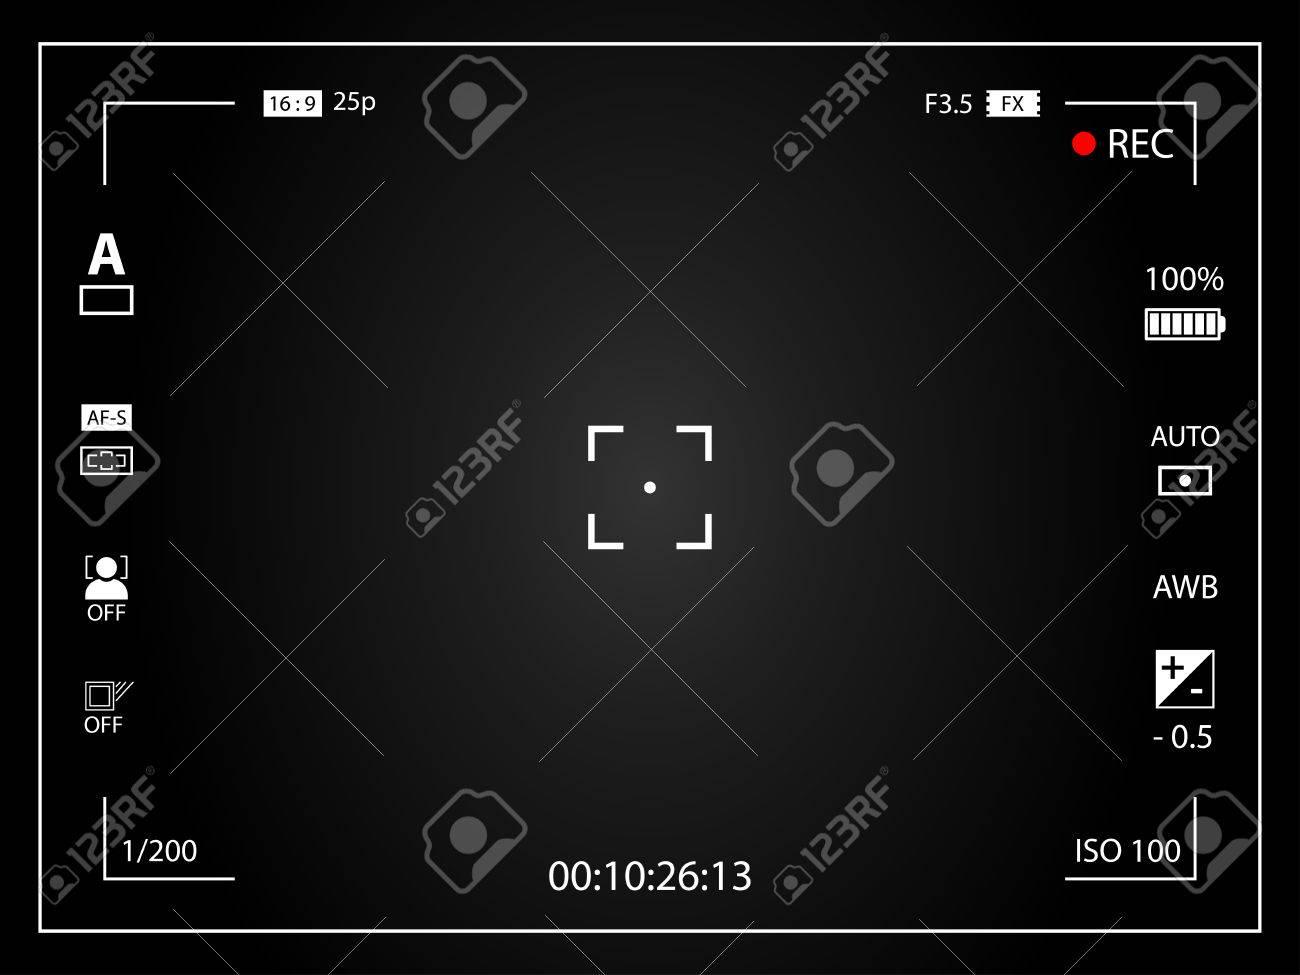 Cámara De Vídeo Digital Moderna Pantalla De Enfoque Con Los Ajustes ...